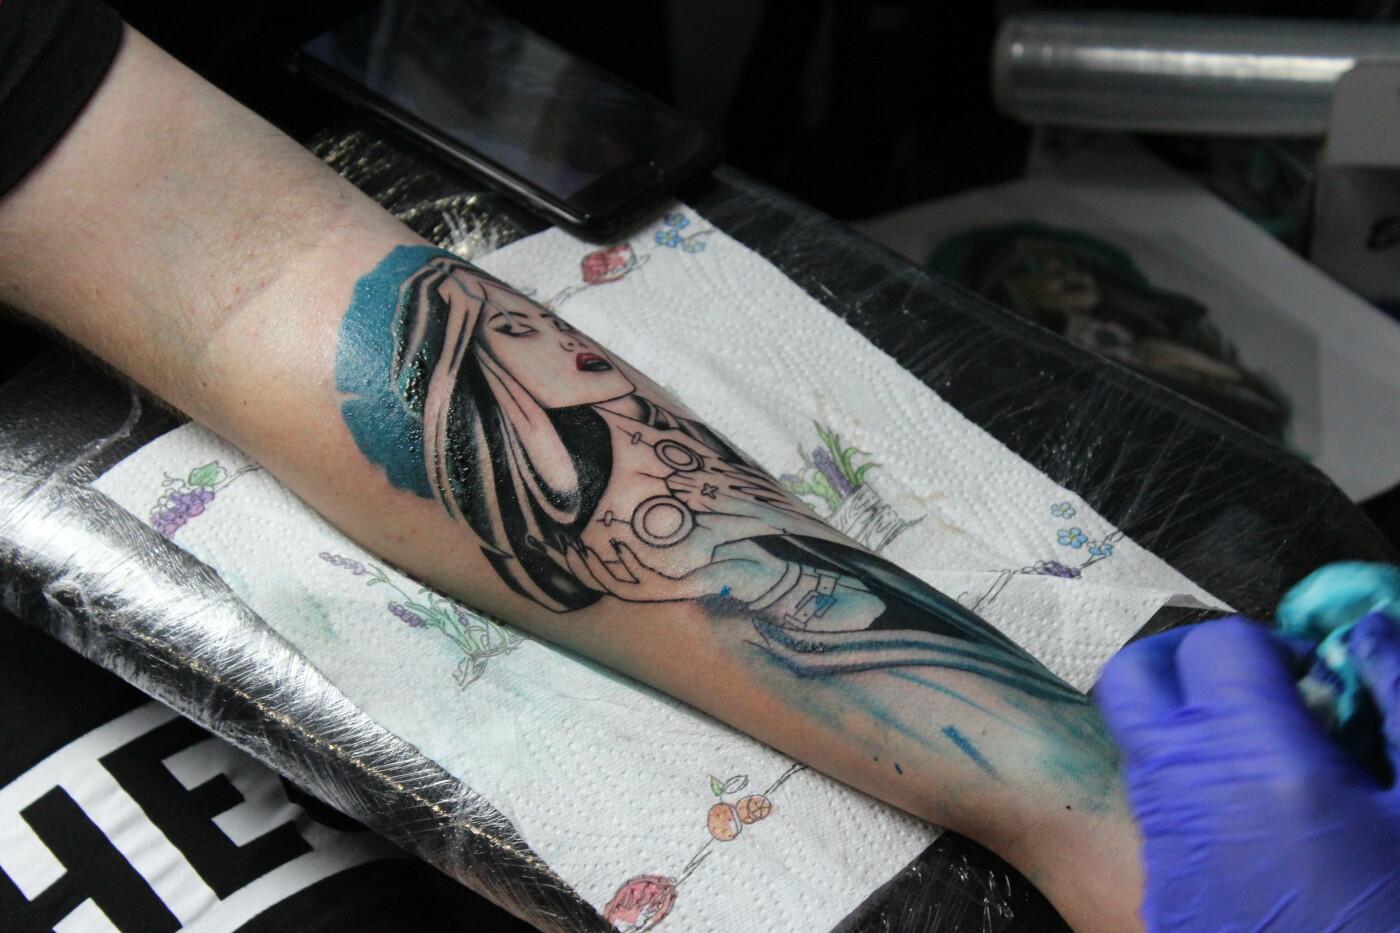 Более 100 топовых тату-мастеров съехались на фестиваль в Бердянск. Как это было?, - ФОТО, фото-13